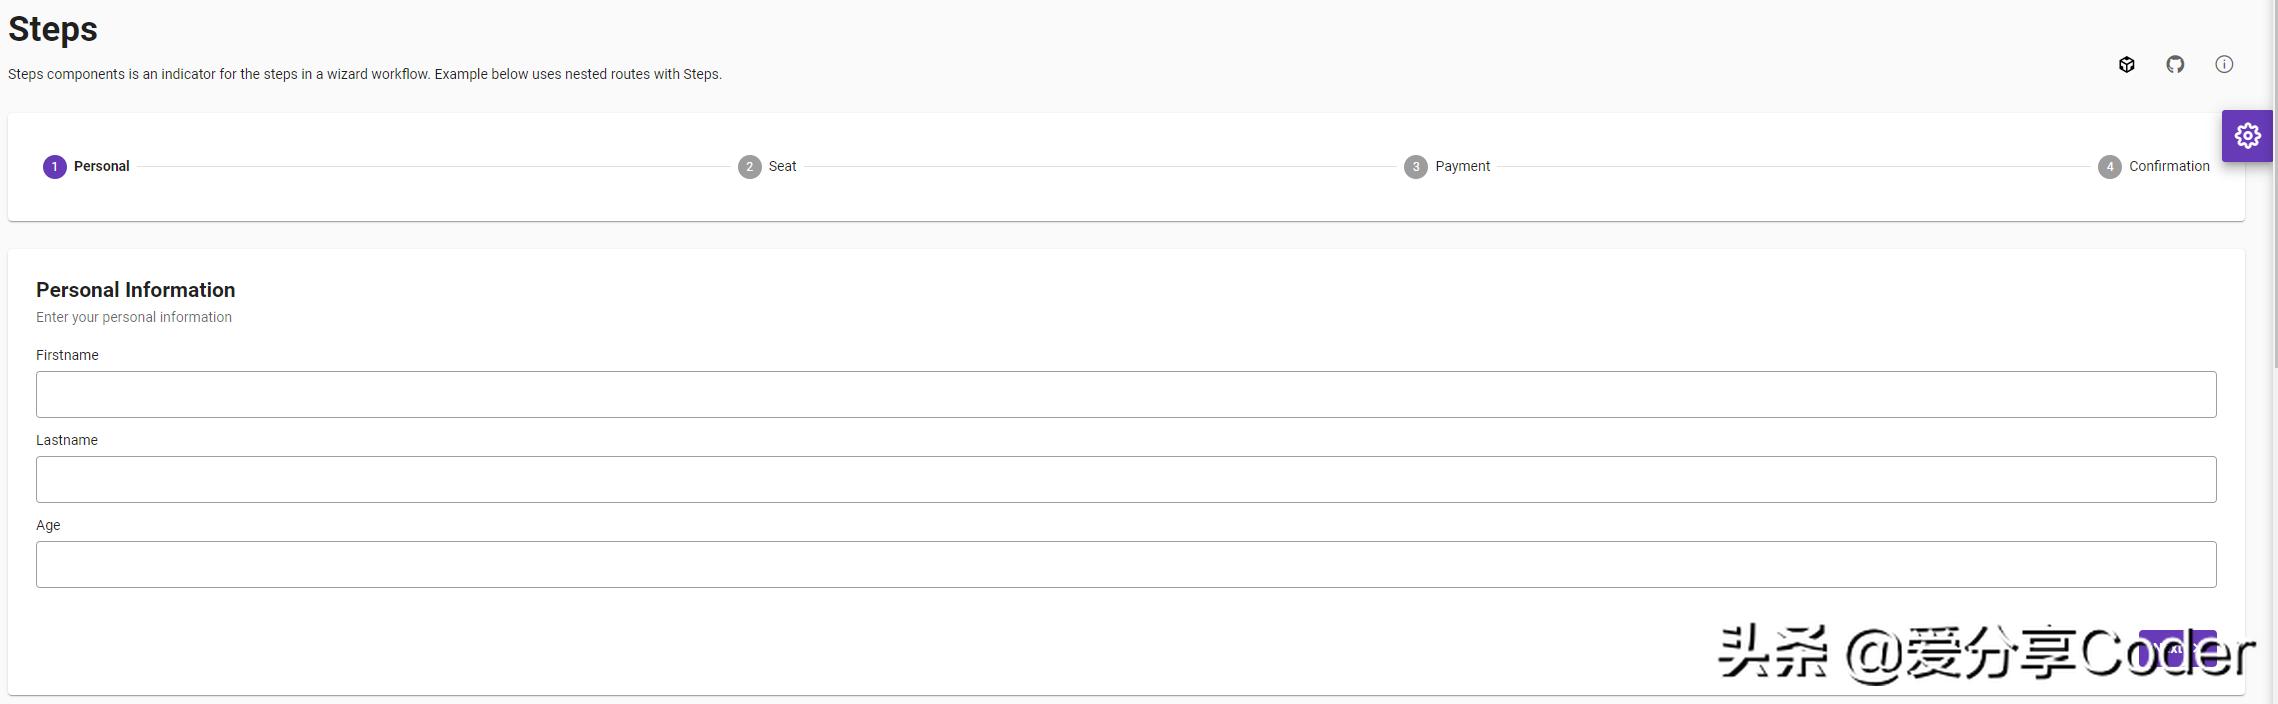 一个号称最完整的Vue UI组件库的Vue组件框架——PrimeVue